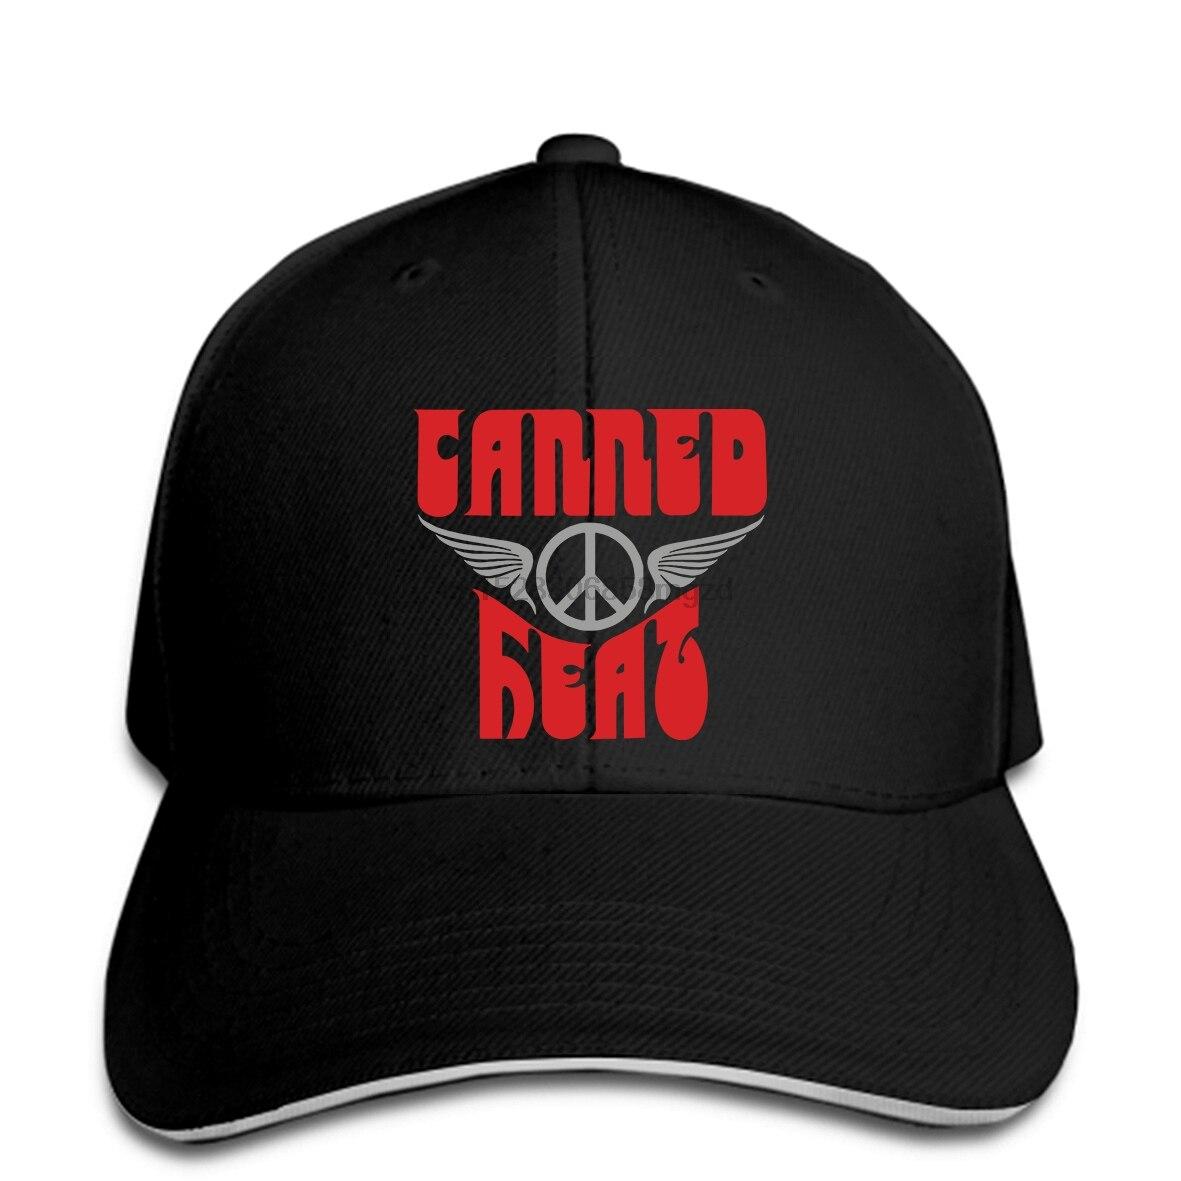 Новые популярные Консервы тепла Blues Rock Band Для мужчин s Черный Для мужчин Бейсбол Кепки Snapback Кепки Для женщин шляпа с остроконечным